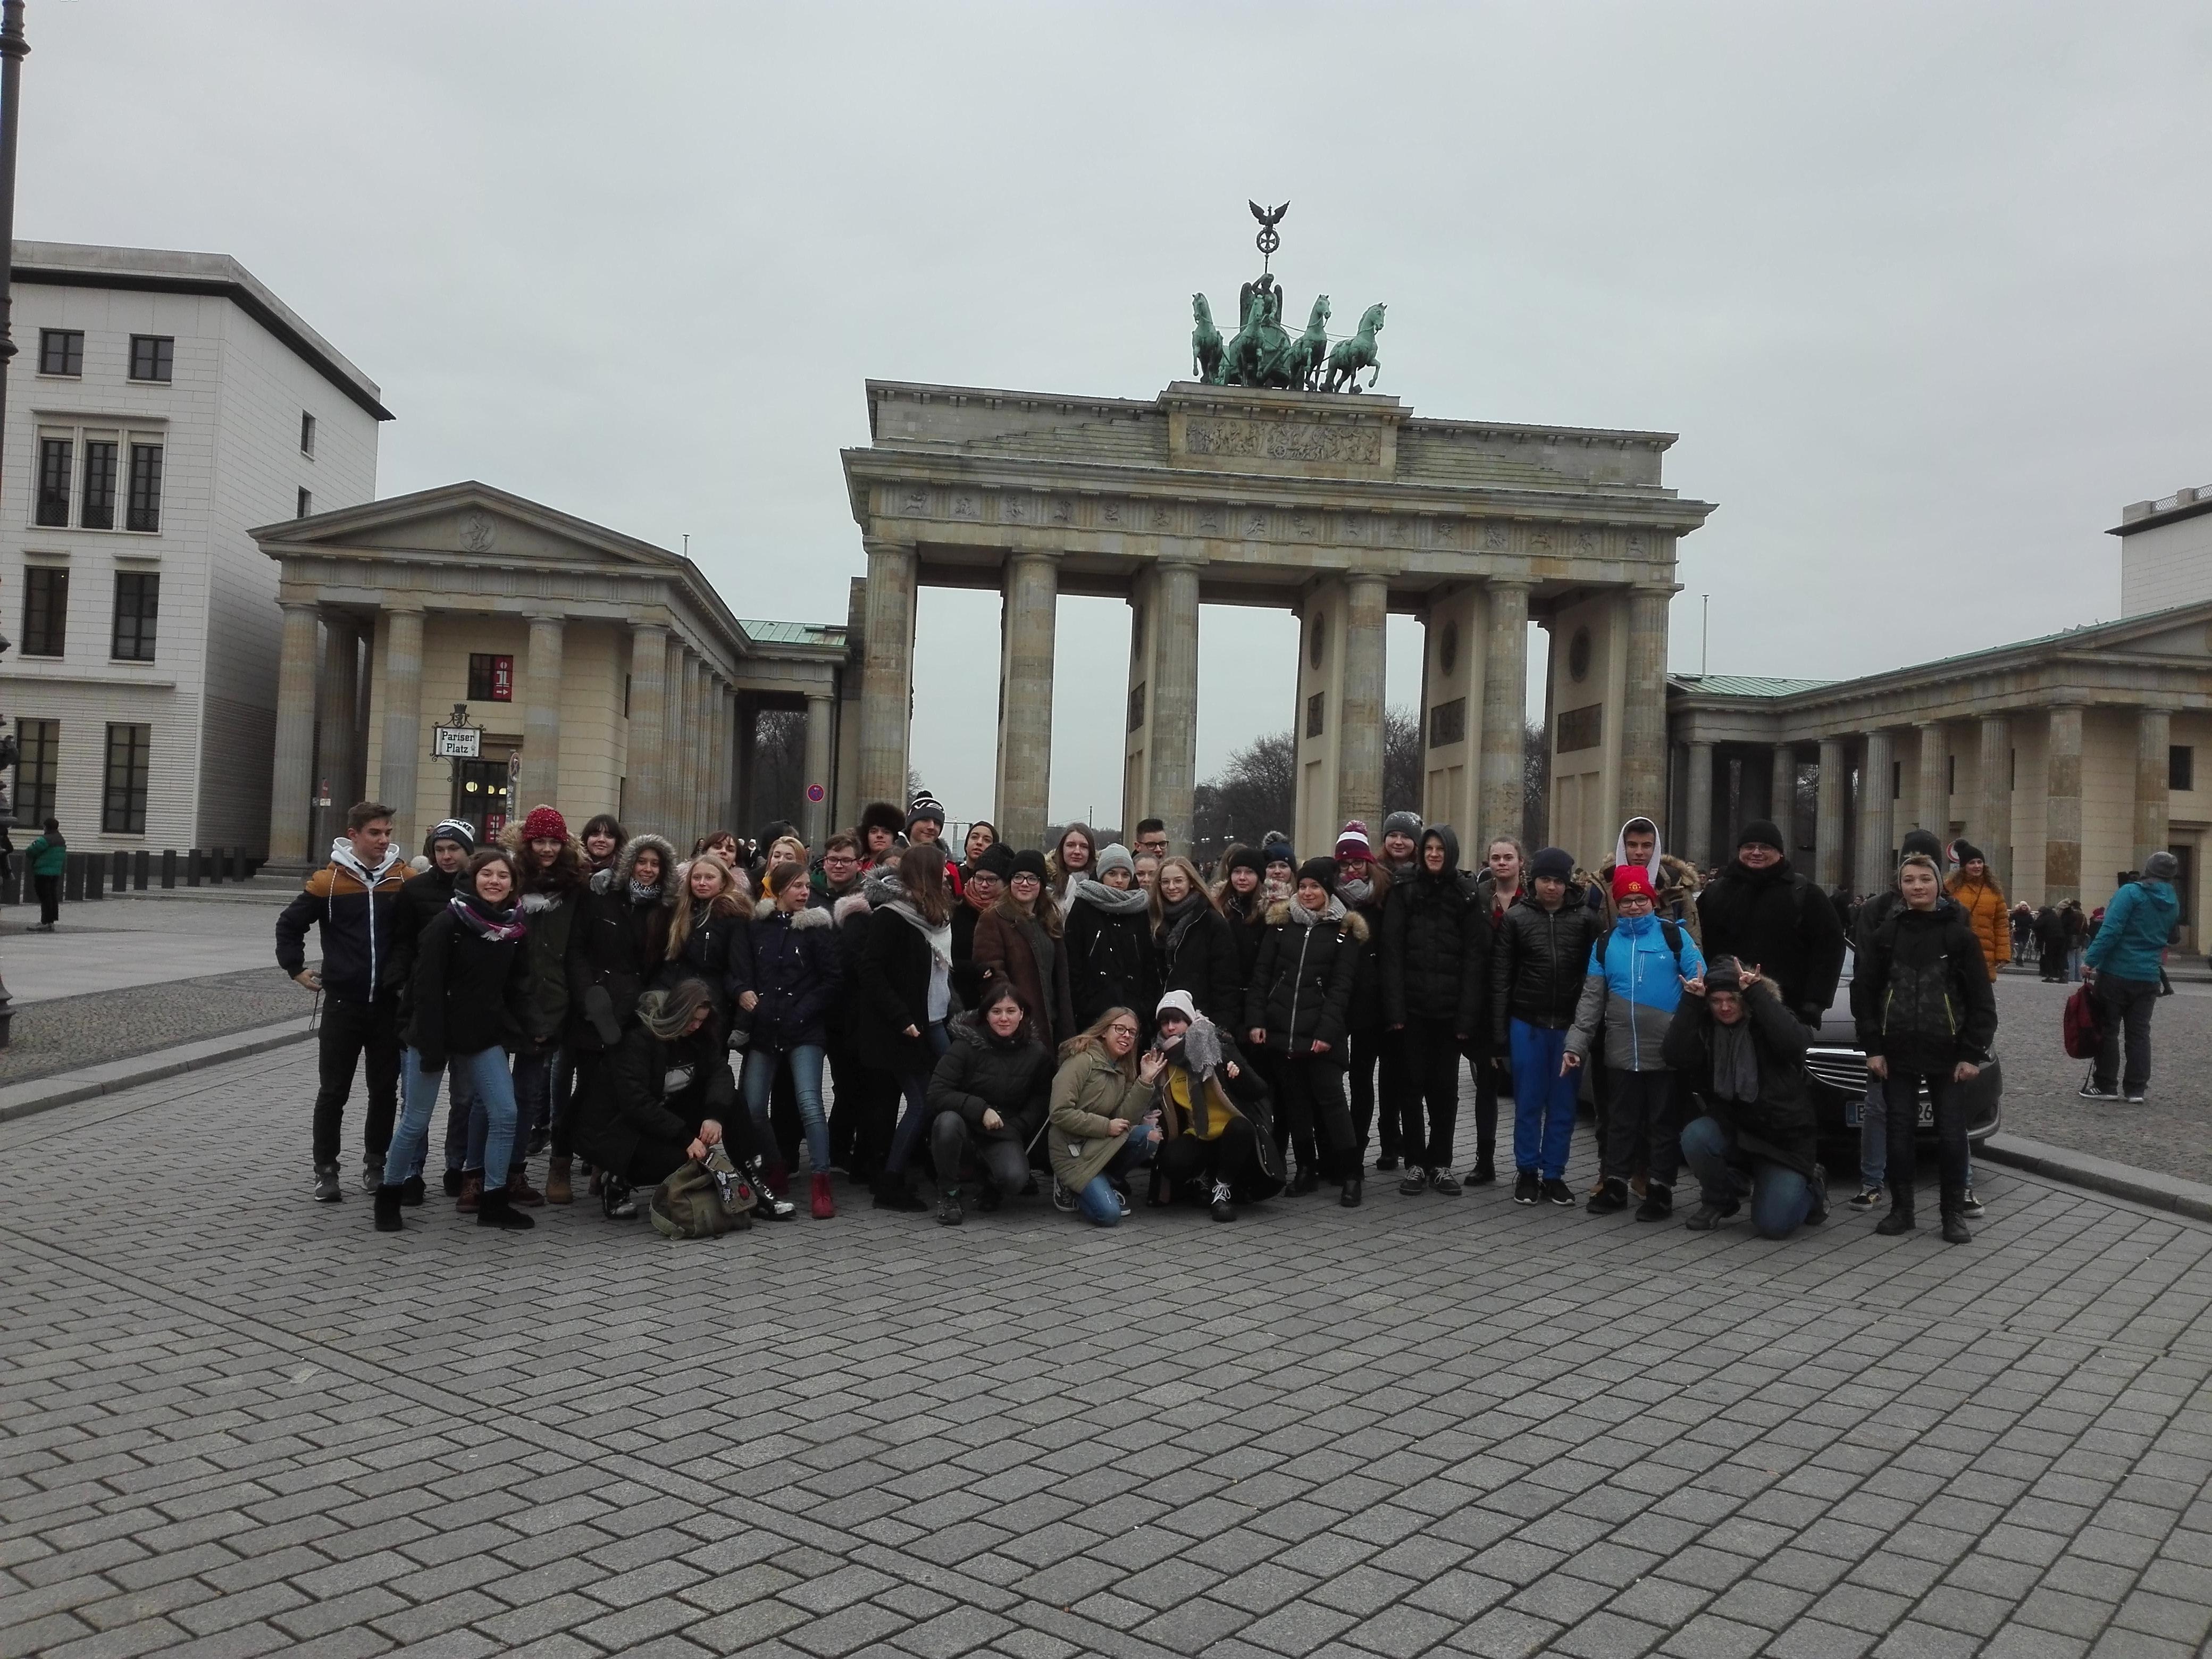 Dzieci pozujące na tle Bramy Brandenburskiej